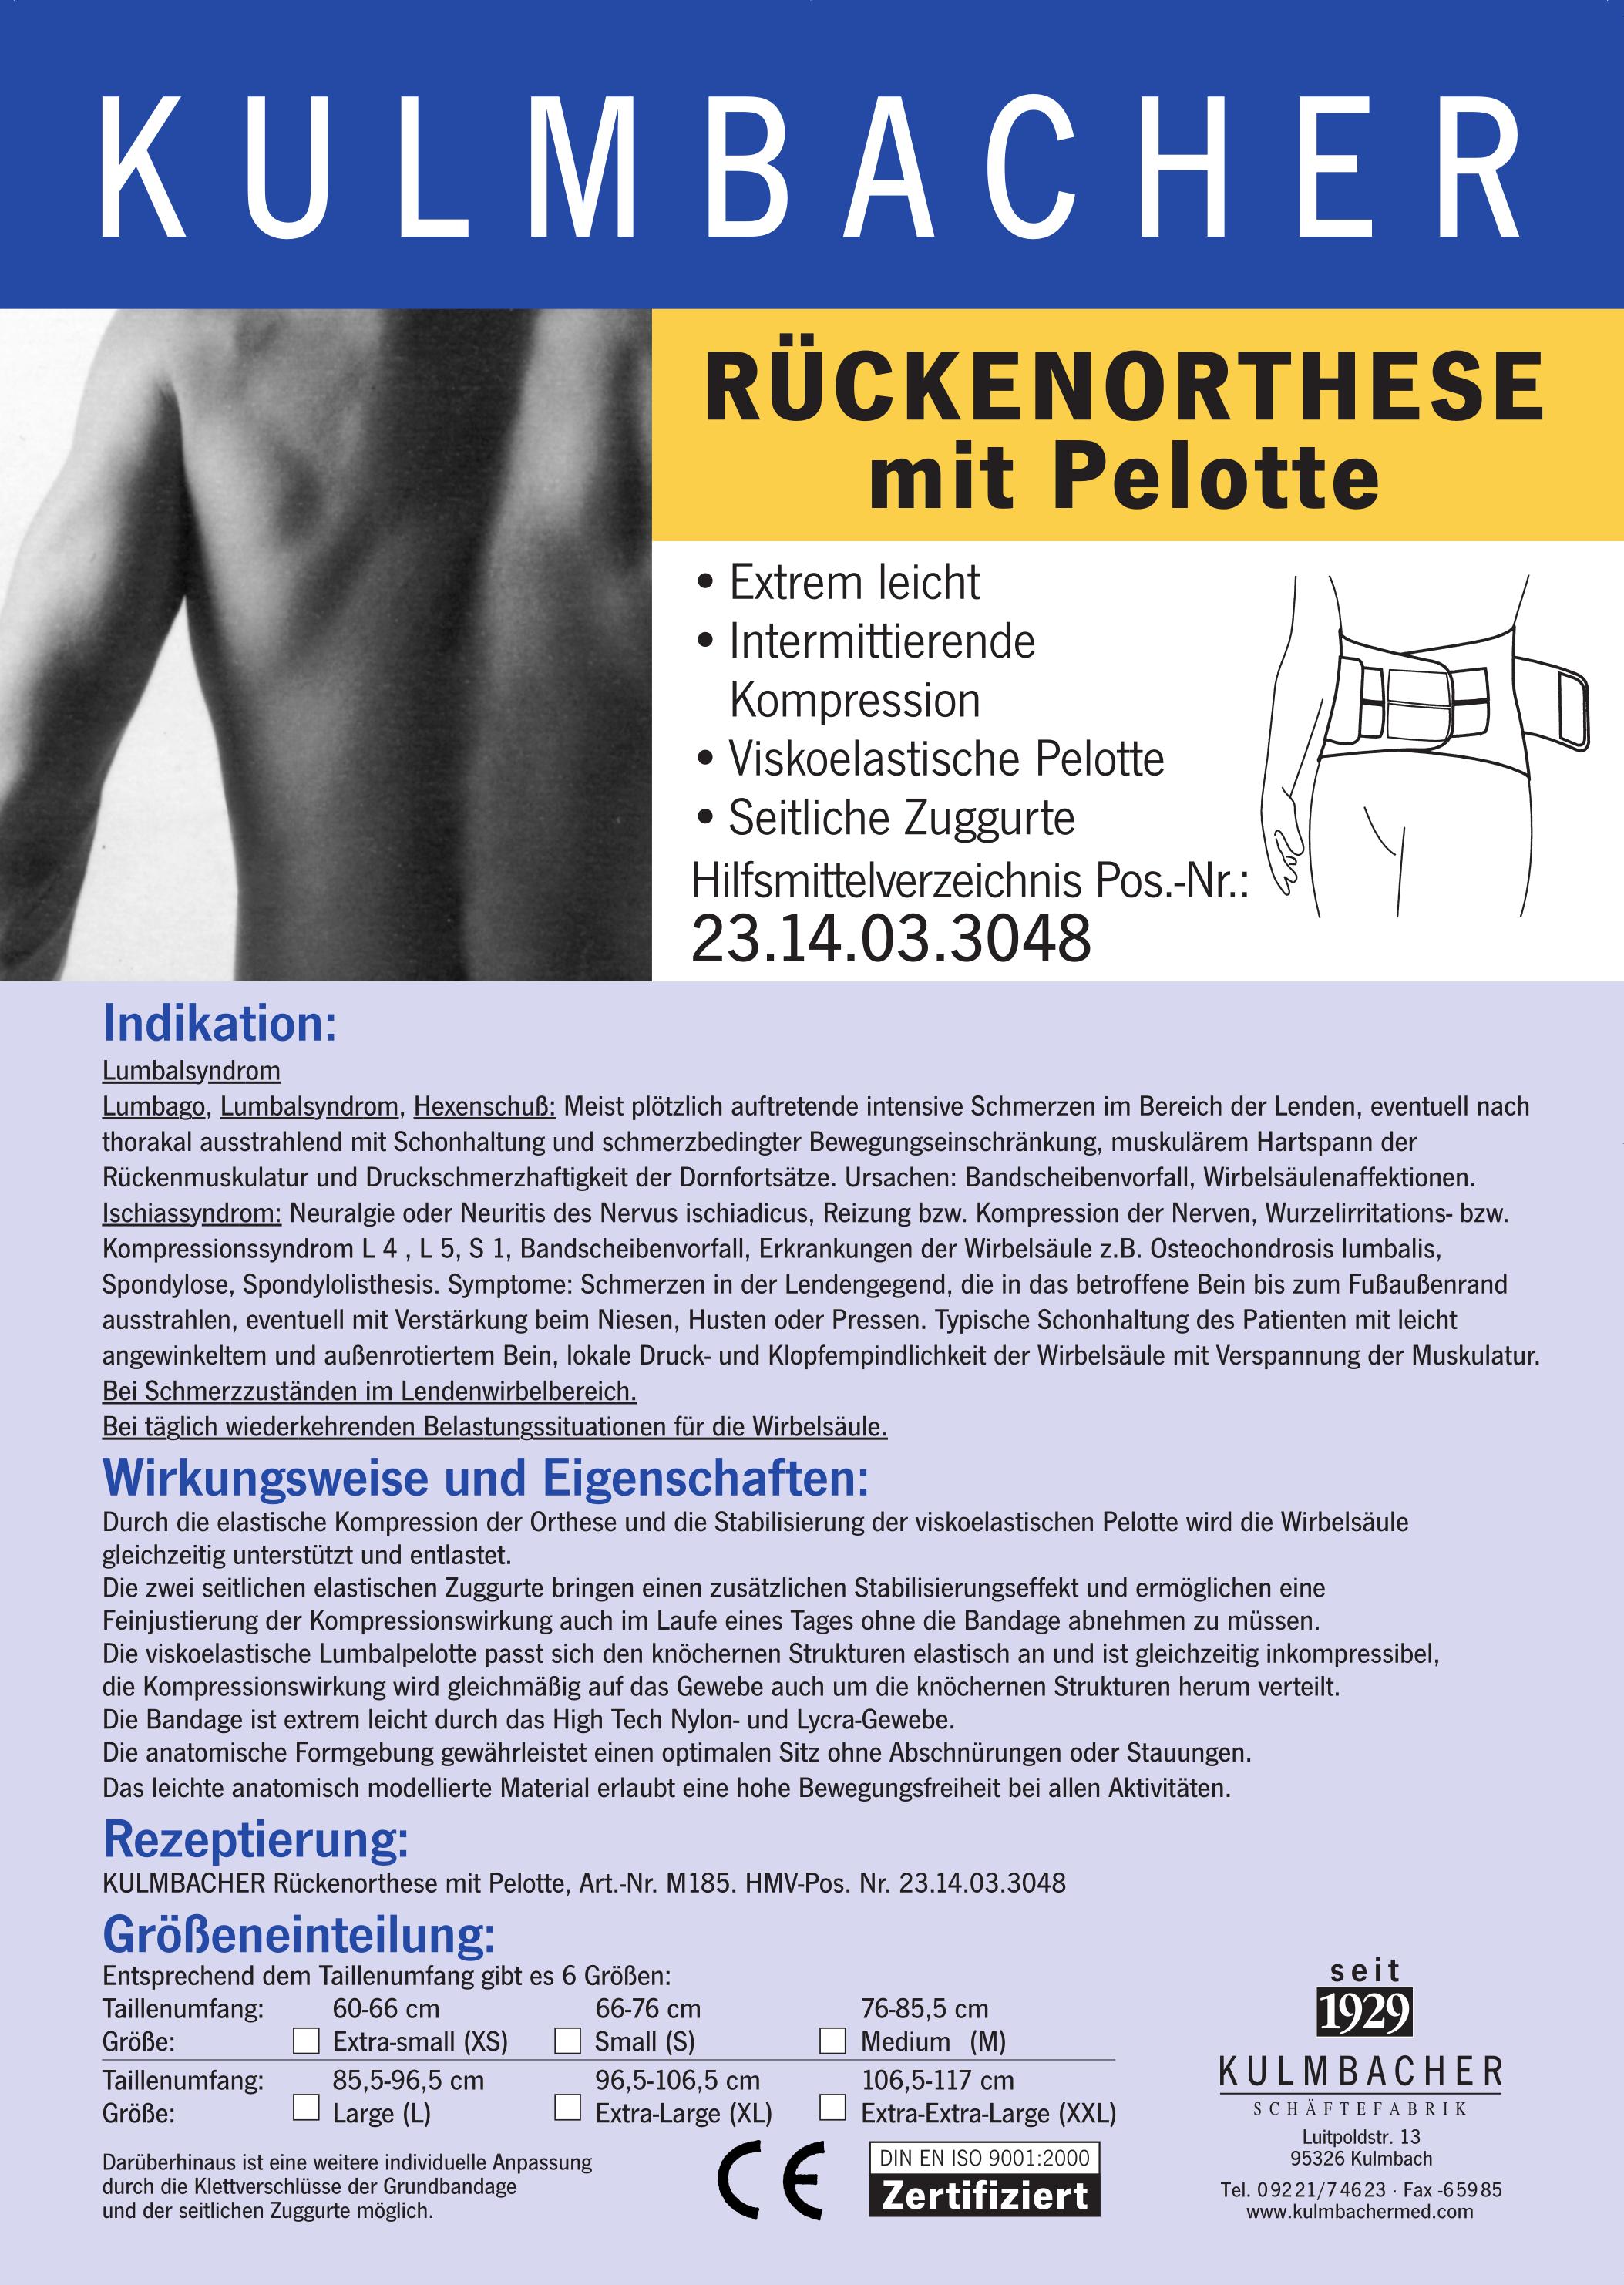 Rückenorthese mit Pelotte Prospekt